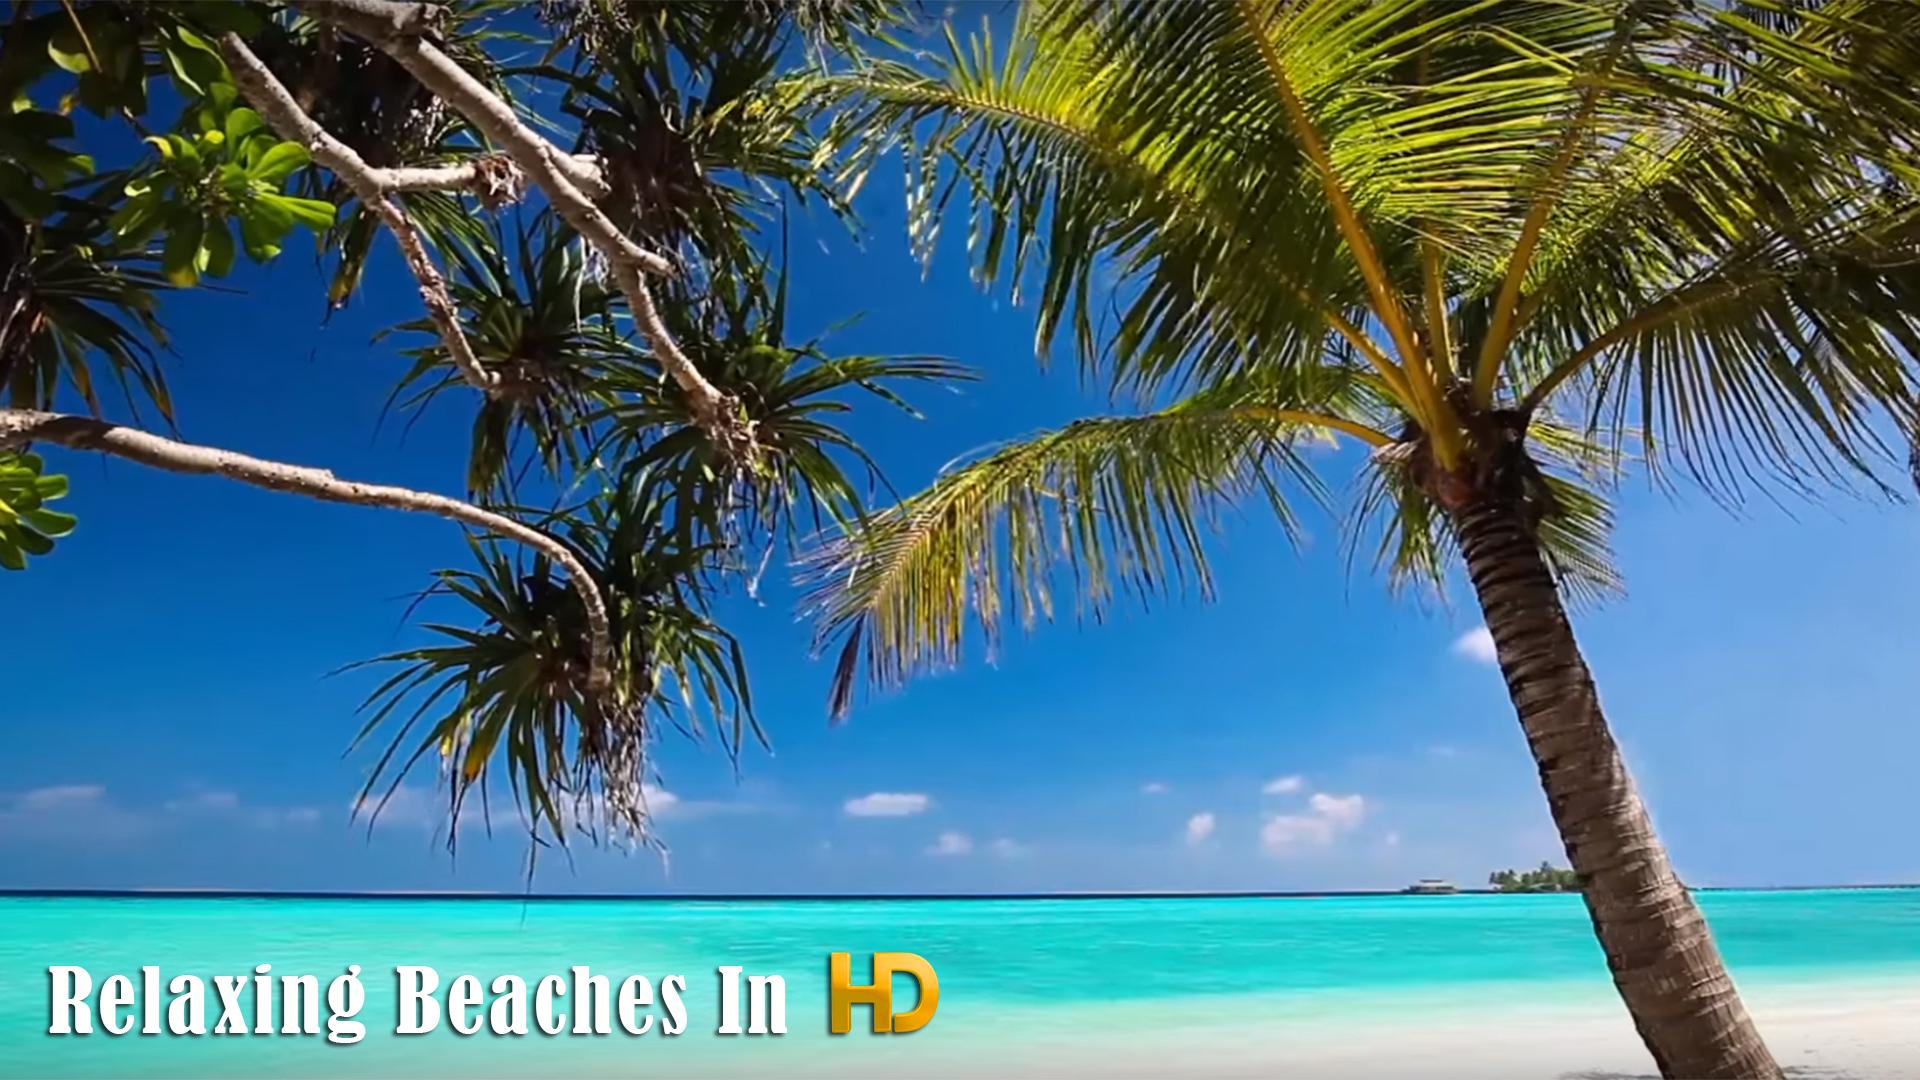 Relaxing Beaches In HD screenshot 8